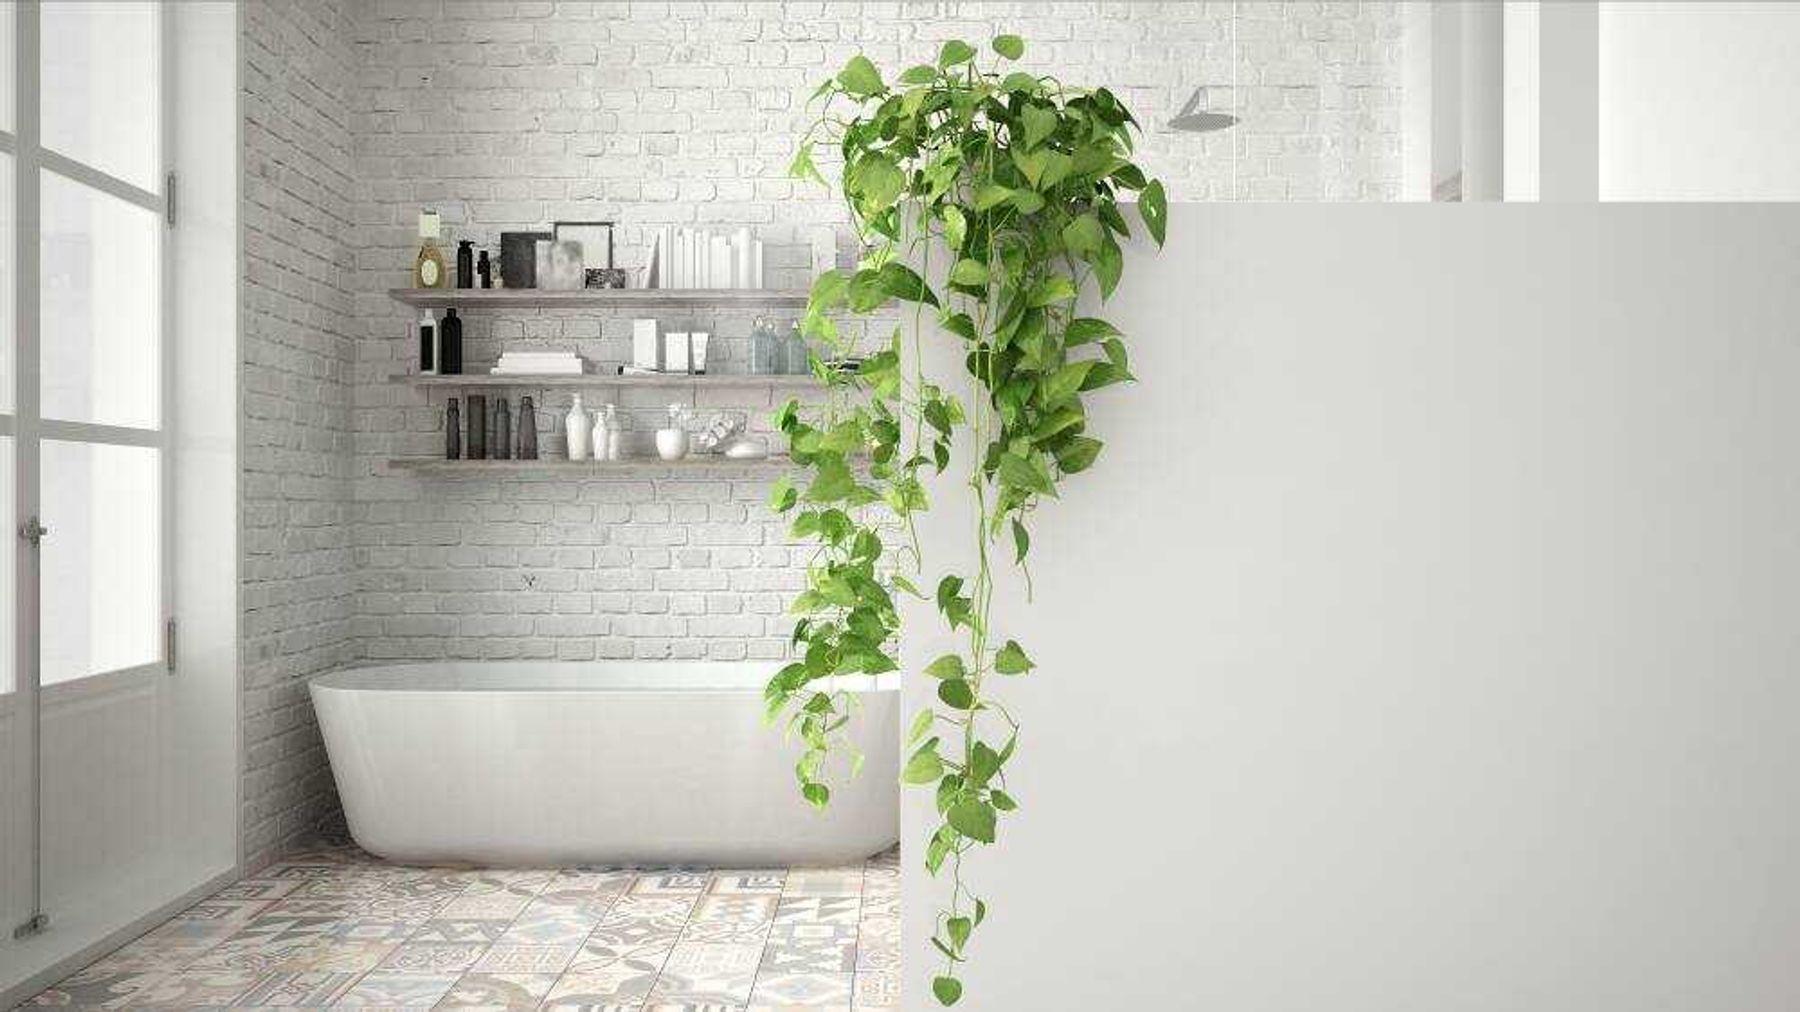 Trang trí cây xanh phòng tắm trong nhà